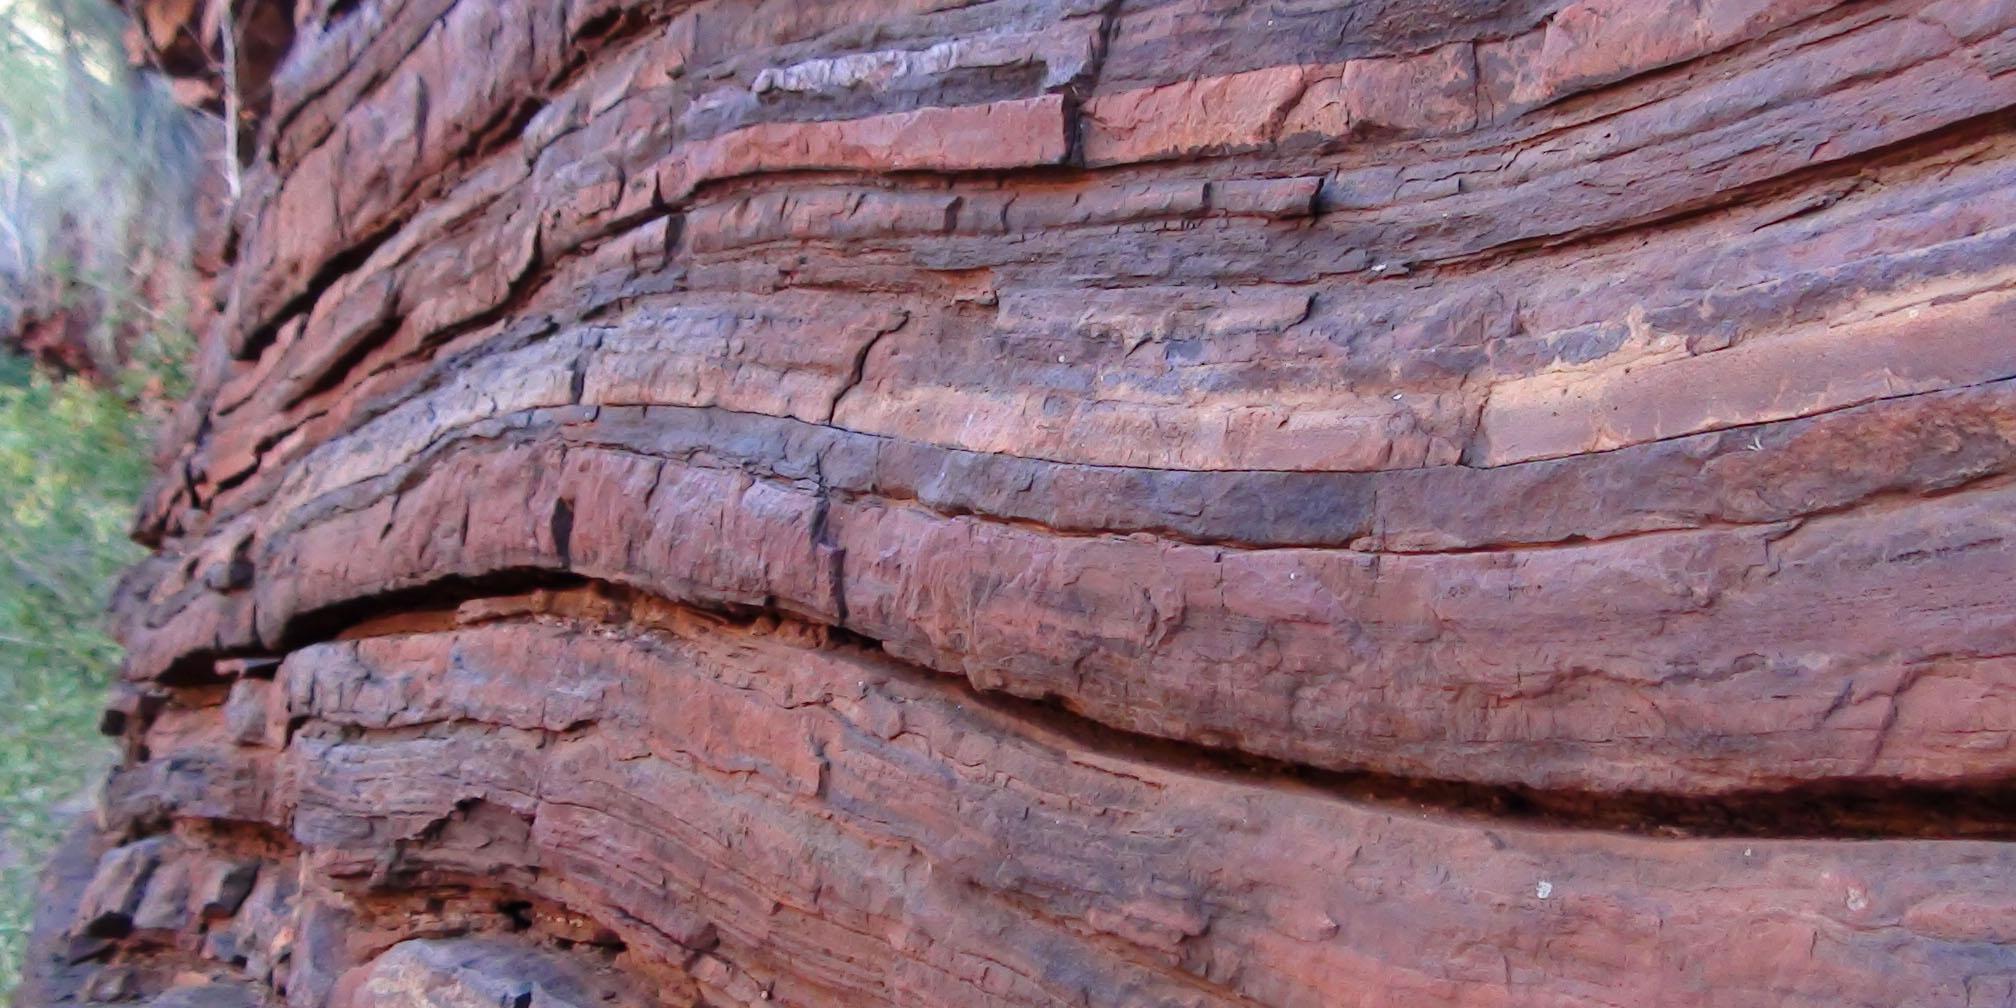 سنگ وطنی با نام ایتالیا وارد میشود